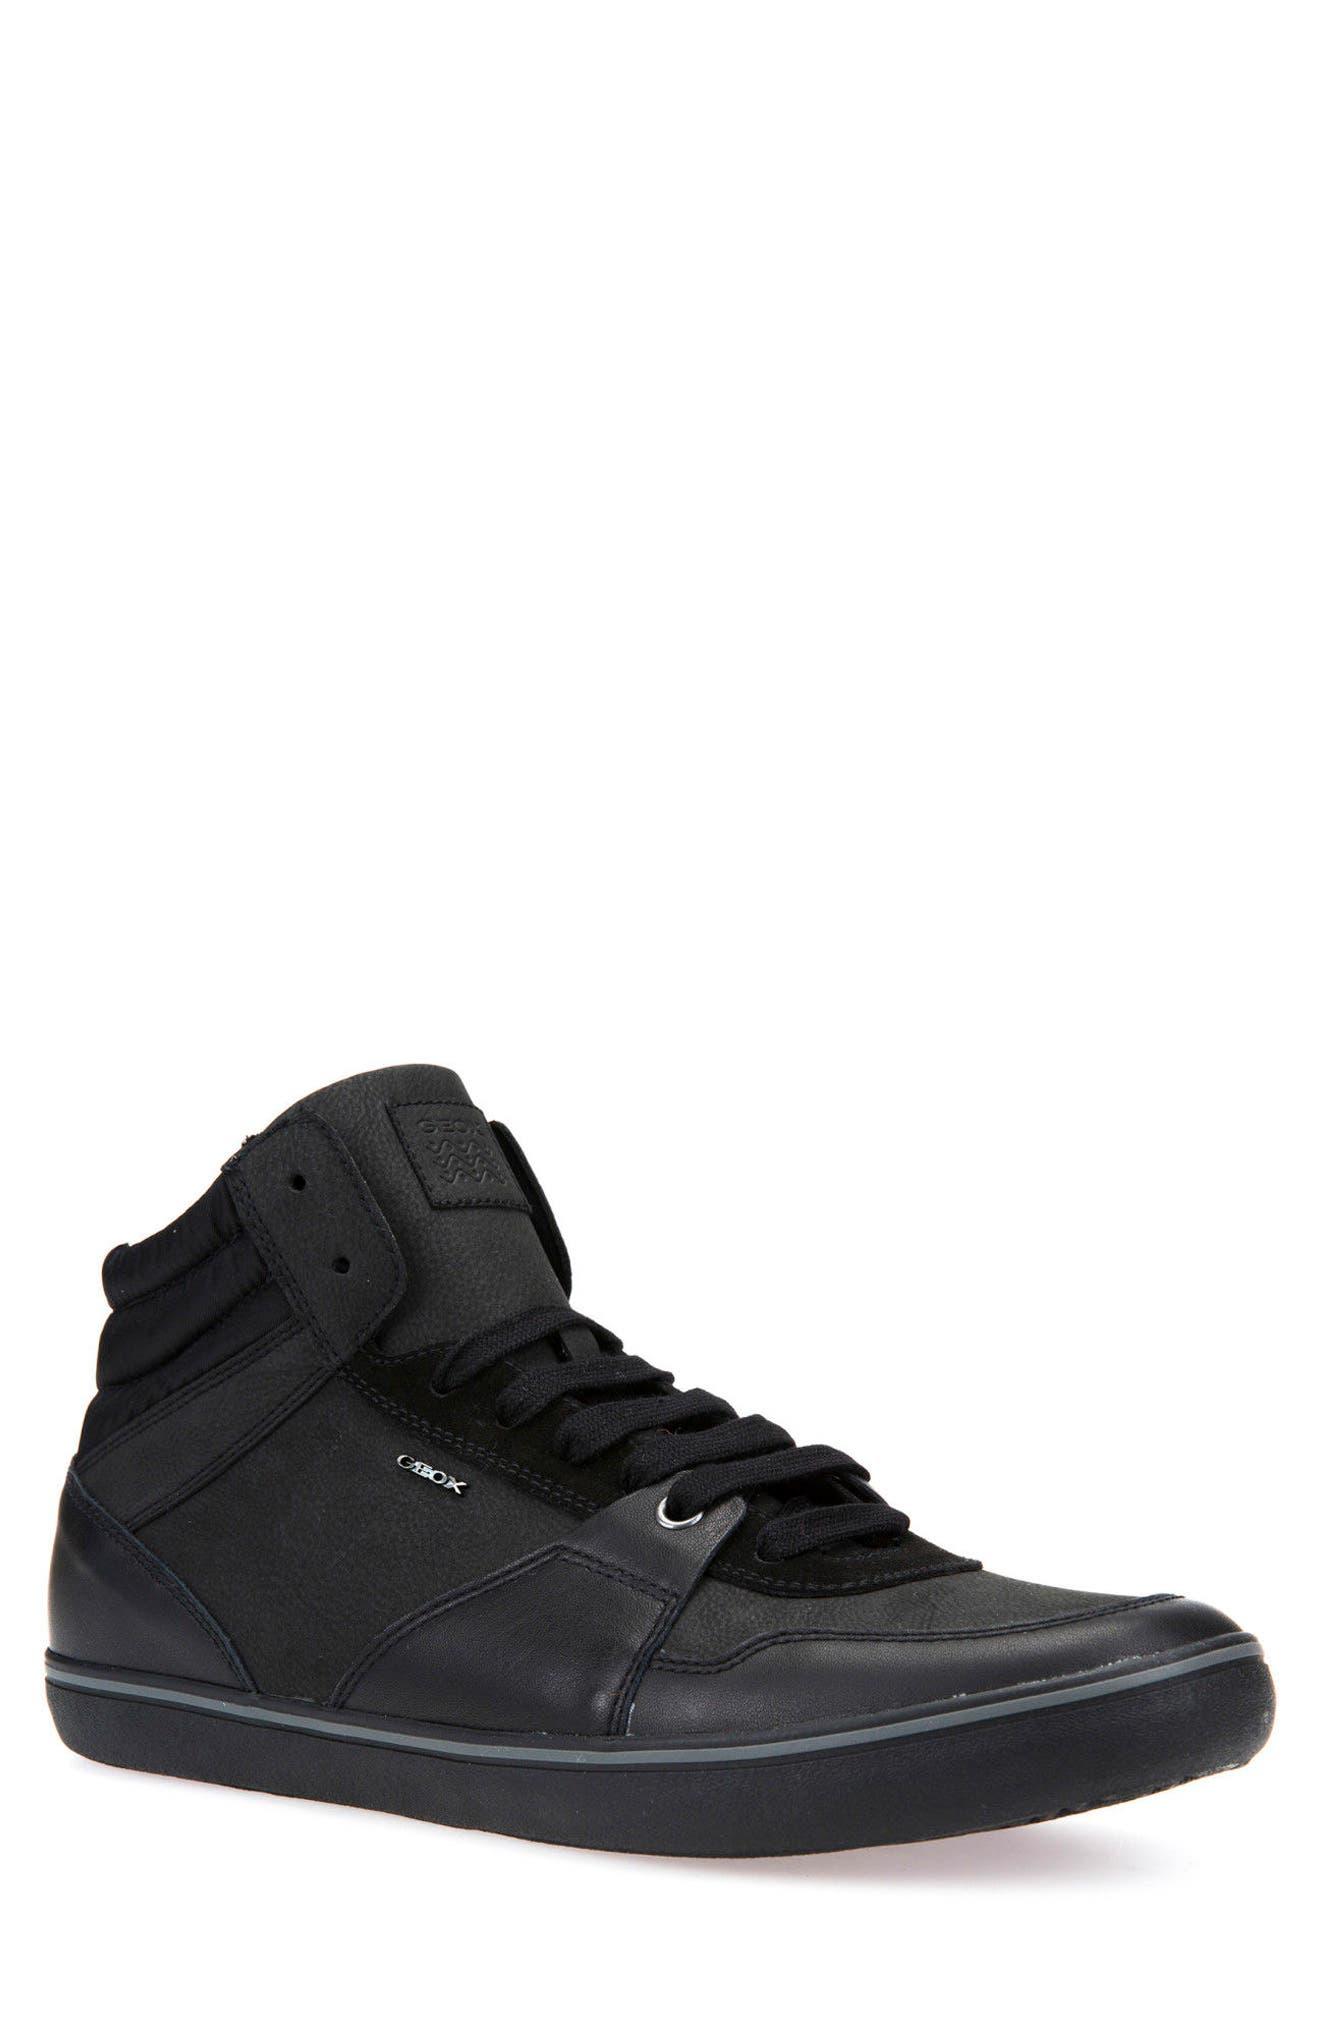 Box 31 High Top Sneaker,                         Main,                         color, Black